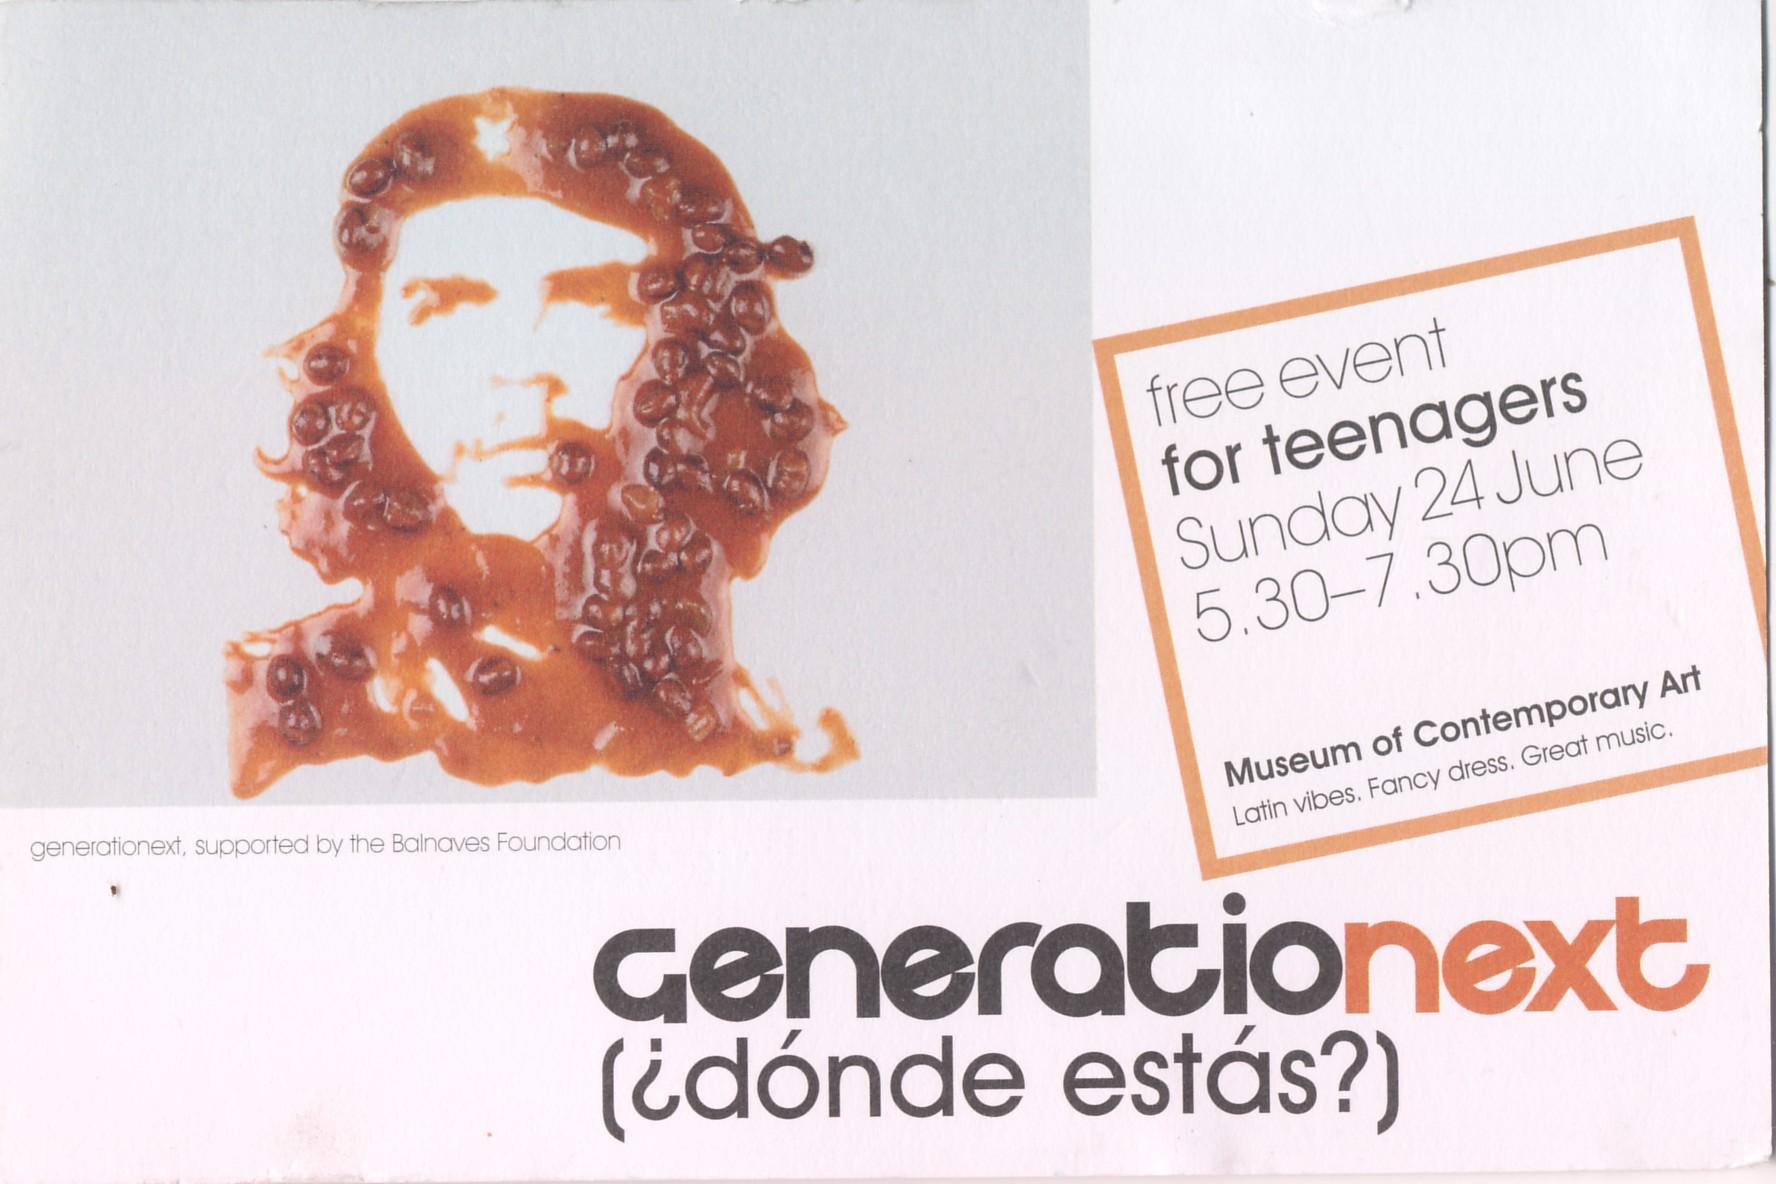 Generationext: 24 June 2007